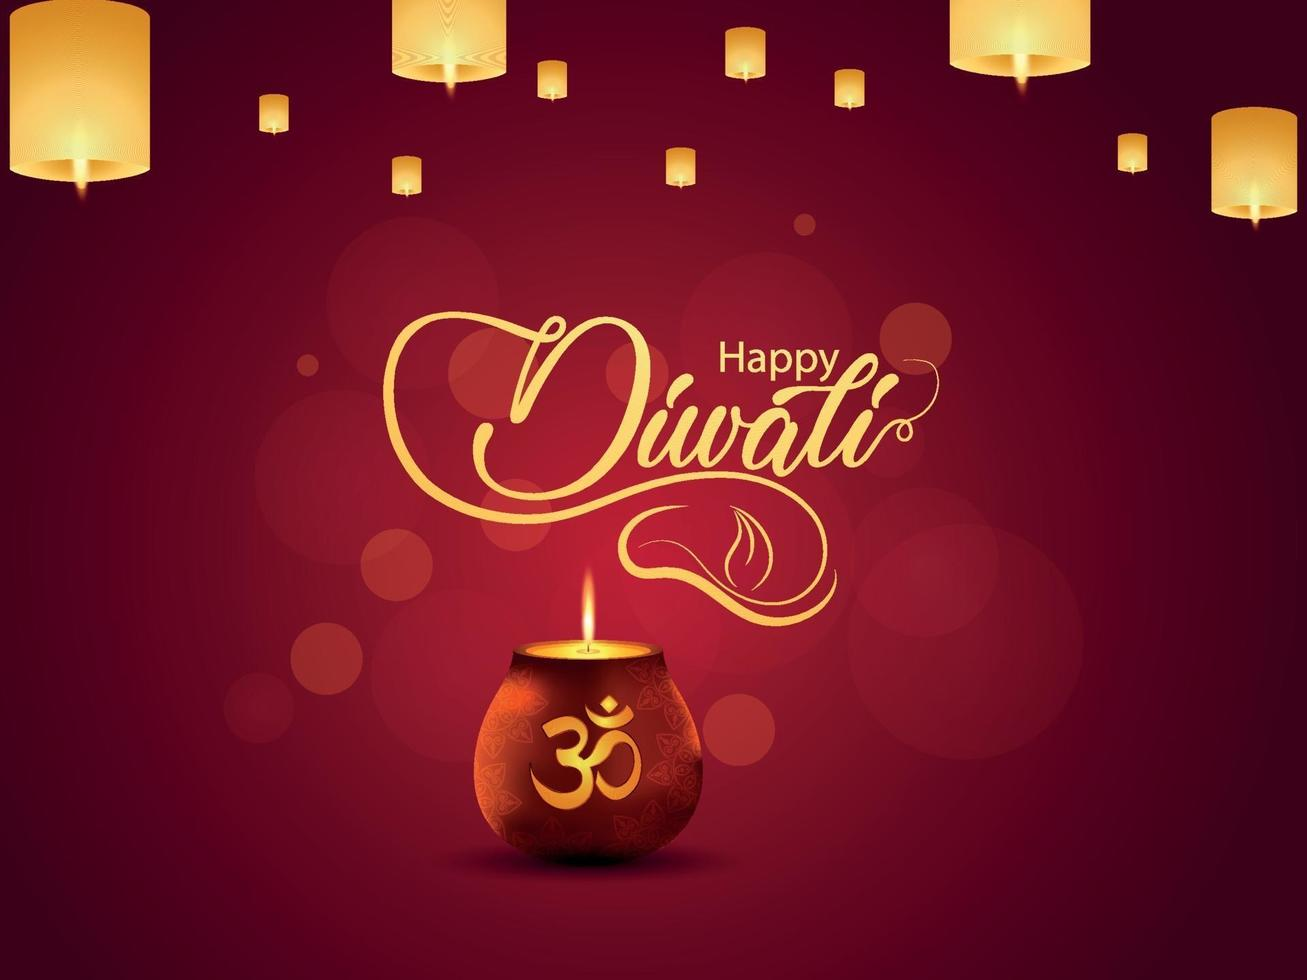 carte de voeux joyeuse fête de diwali avec pot lumineux créatif et lampe diwali vecteur